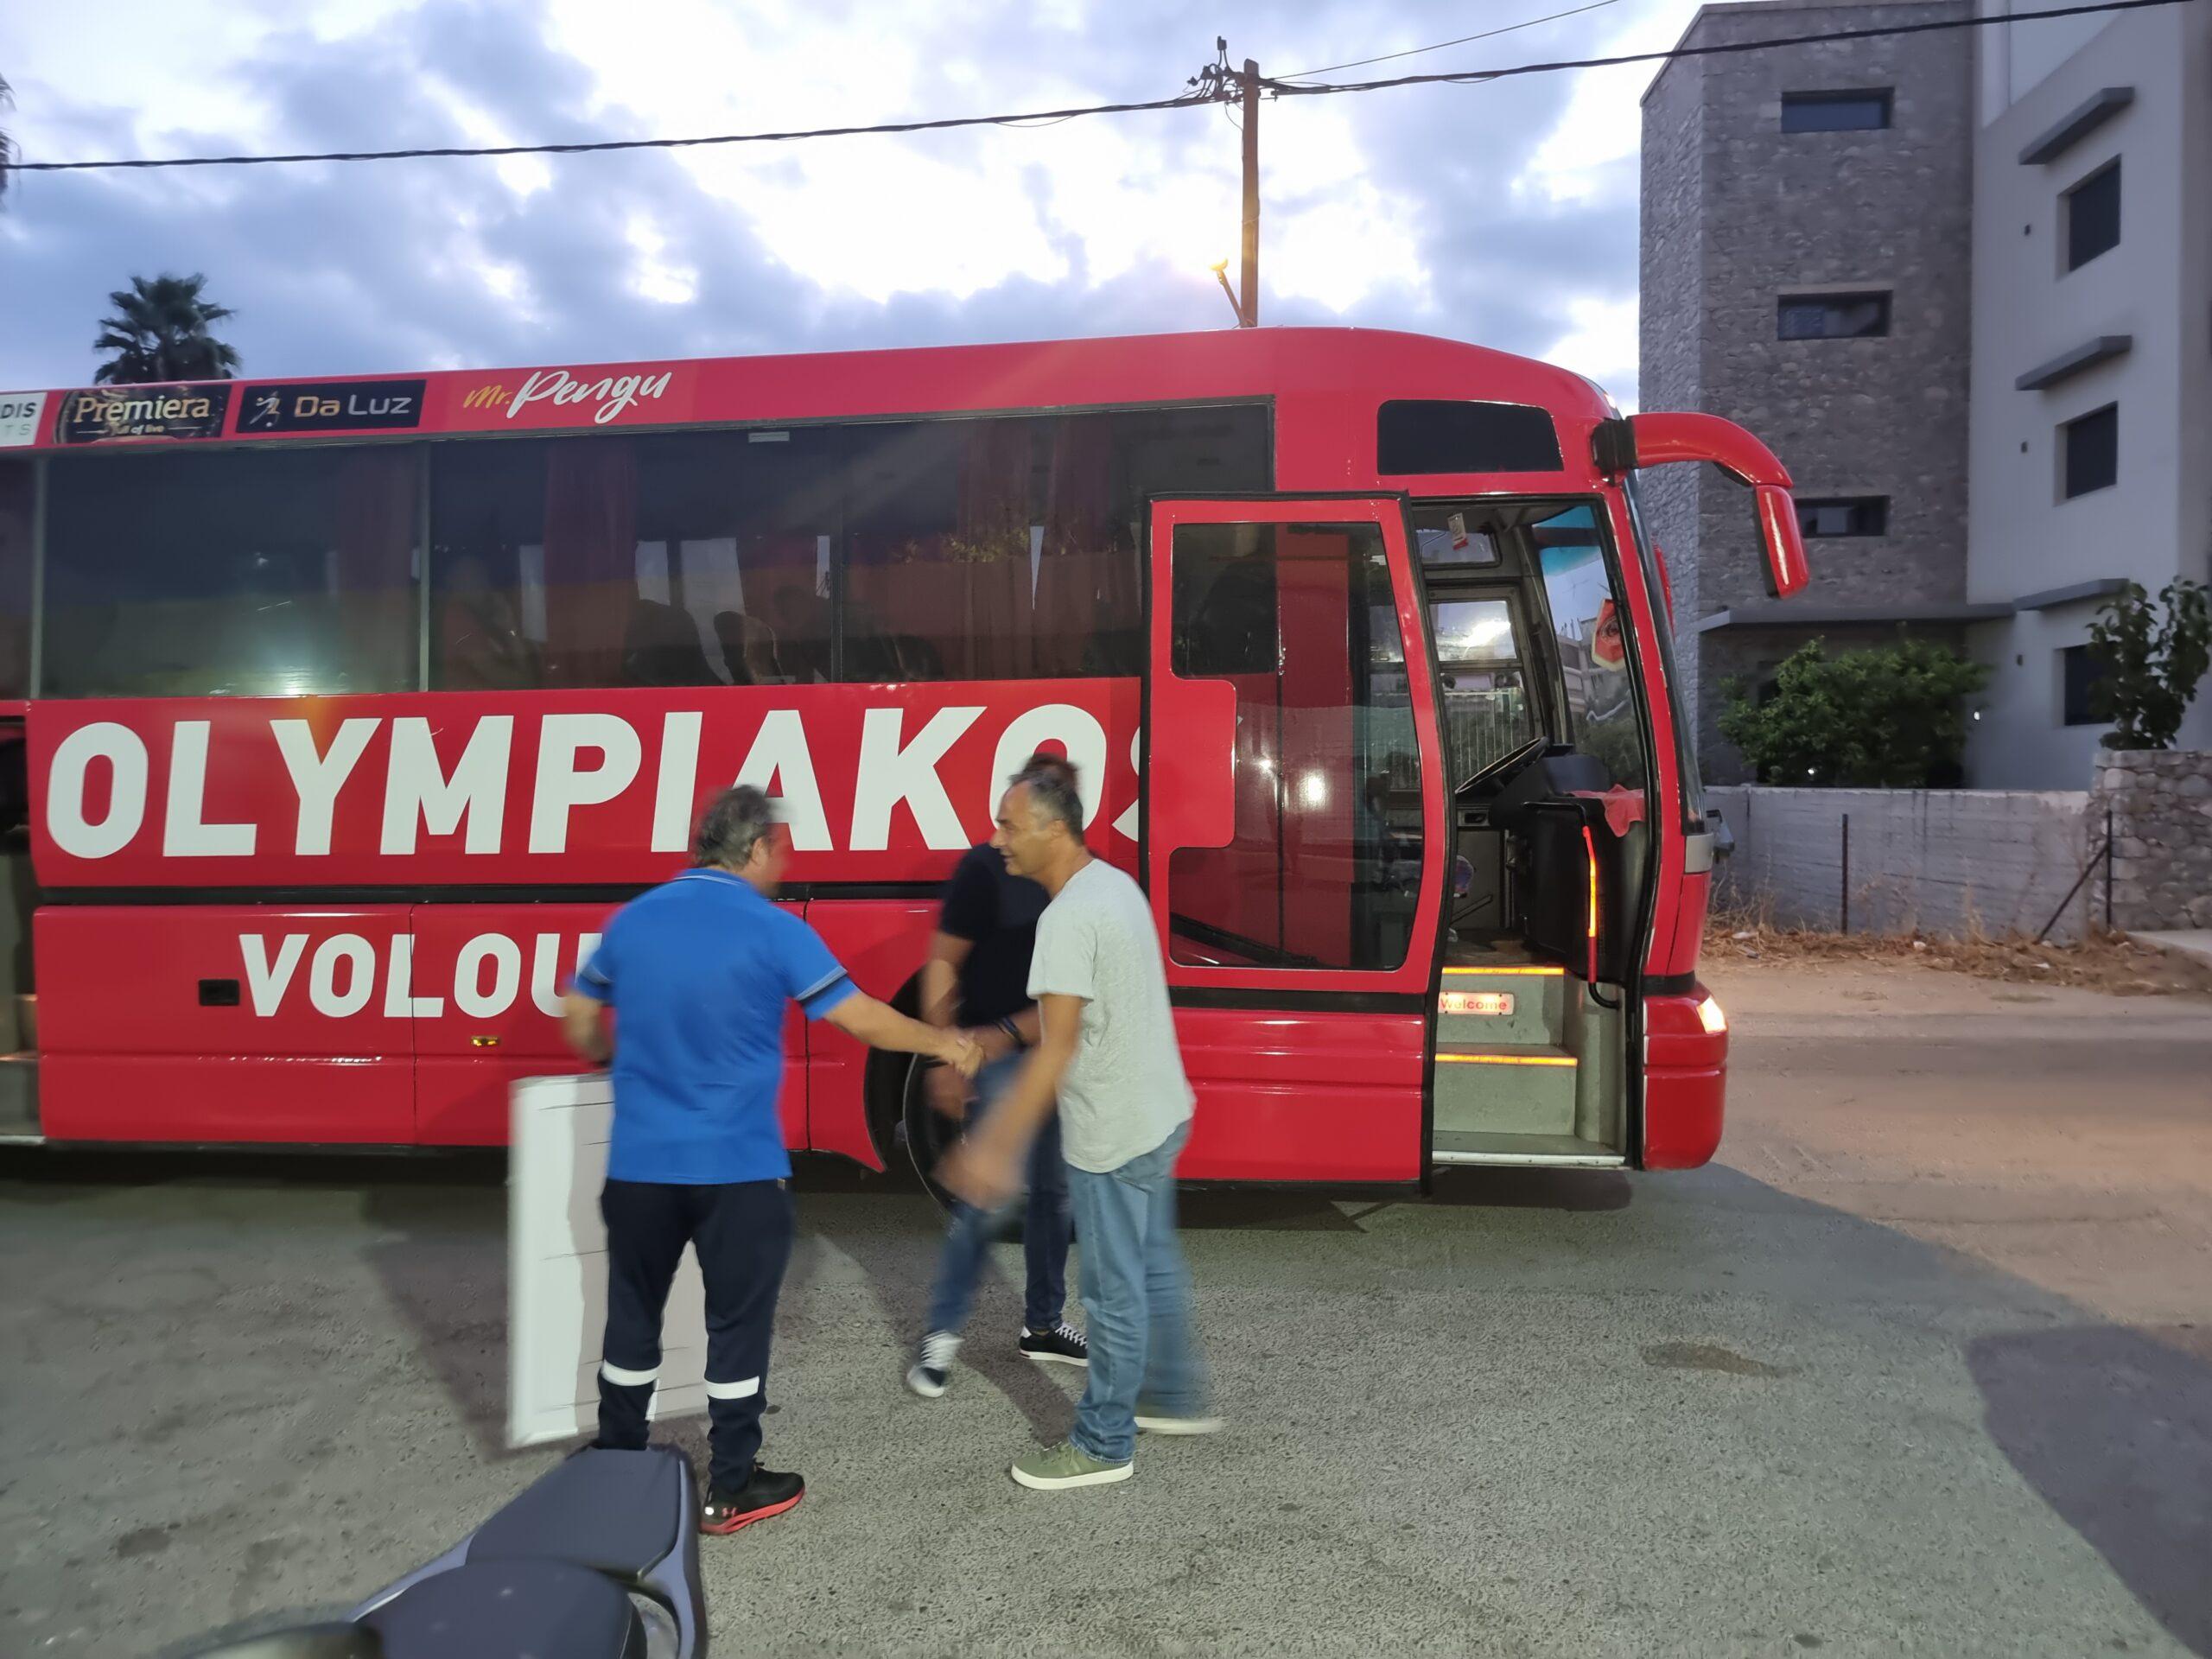 Απίστευτο: Την ιστορική έδρα του Ολυμπιακού Βόλου  δίνει σε Νίκη, ο Μπέος…